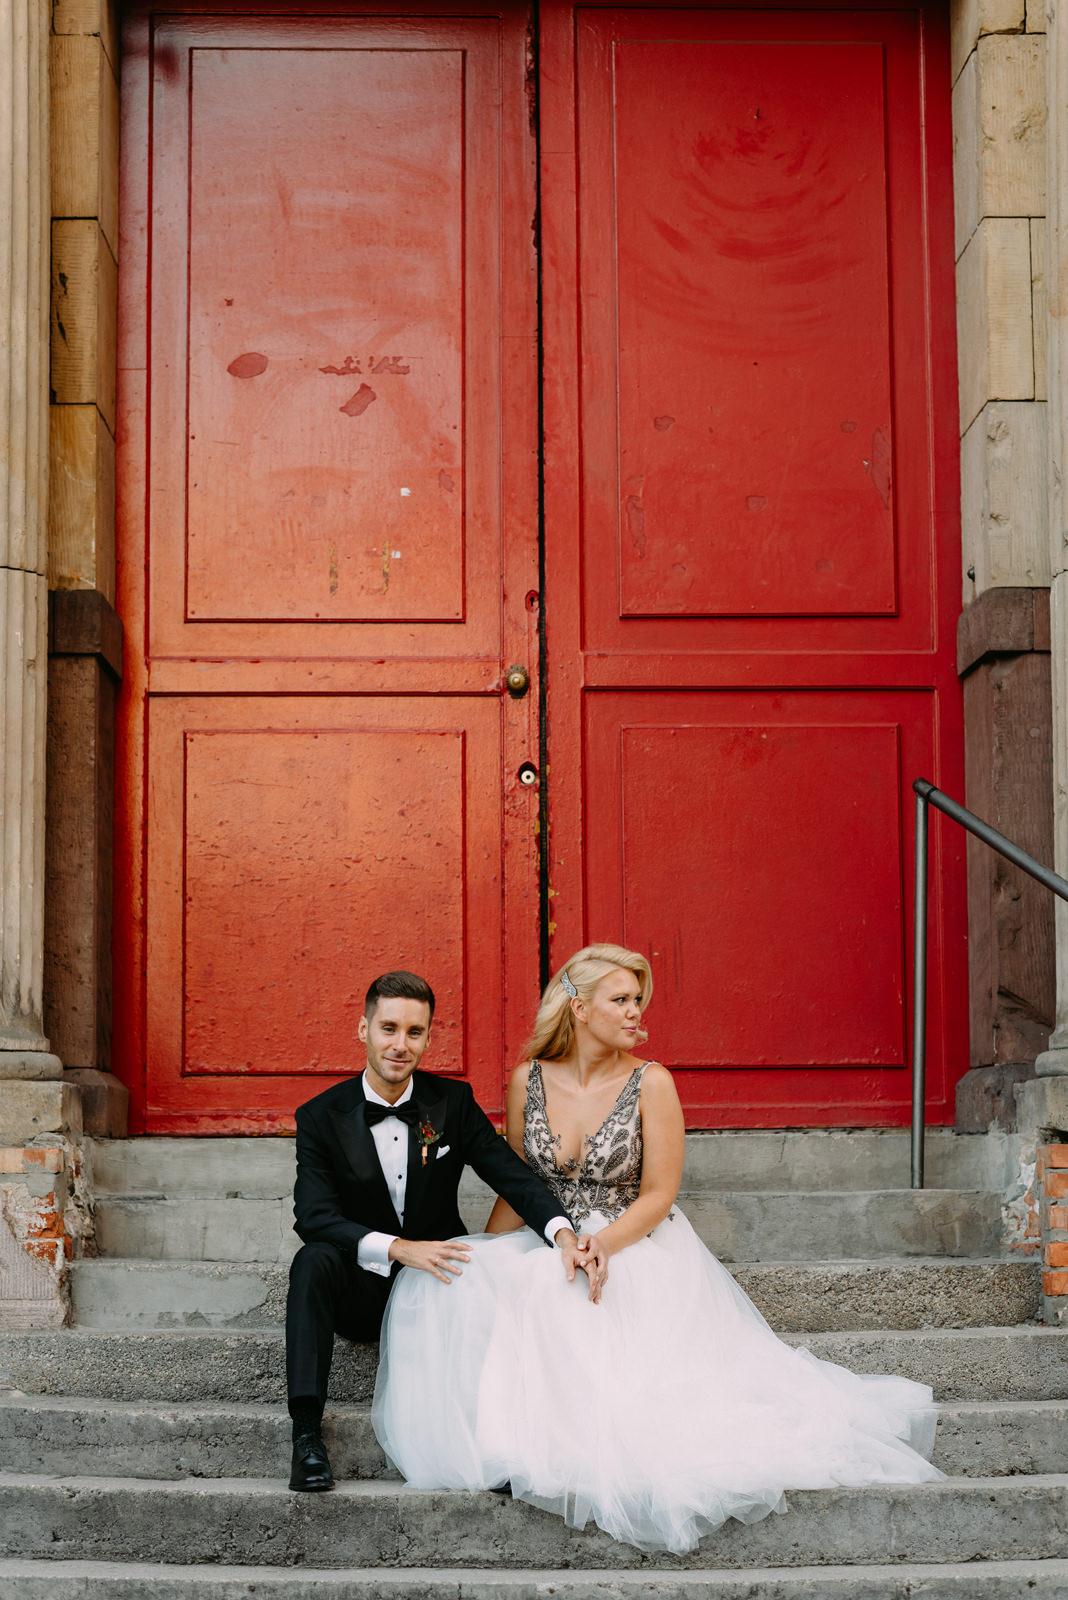 fotograf ślubny warszawa Luke Sezeck- portret młodej pary podczas wesela w Reducie Banku Polskiego